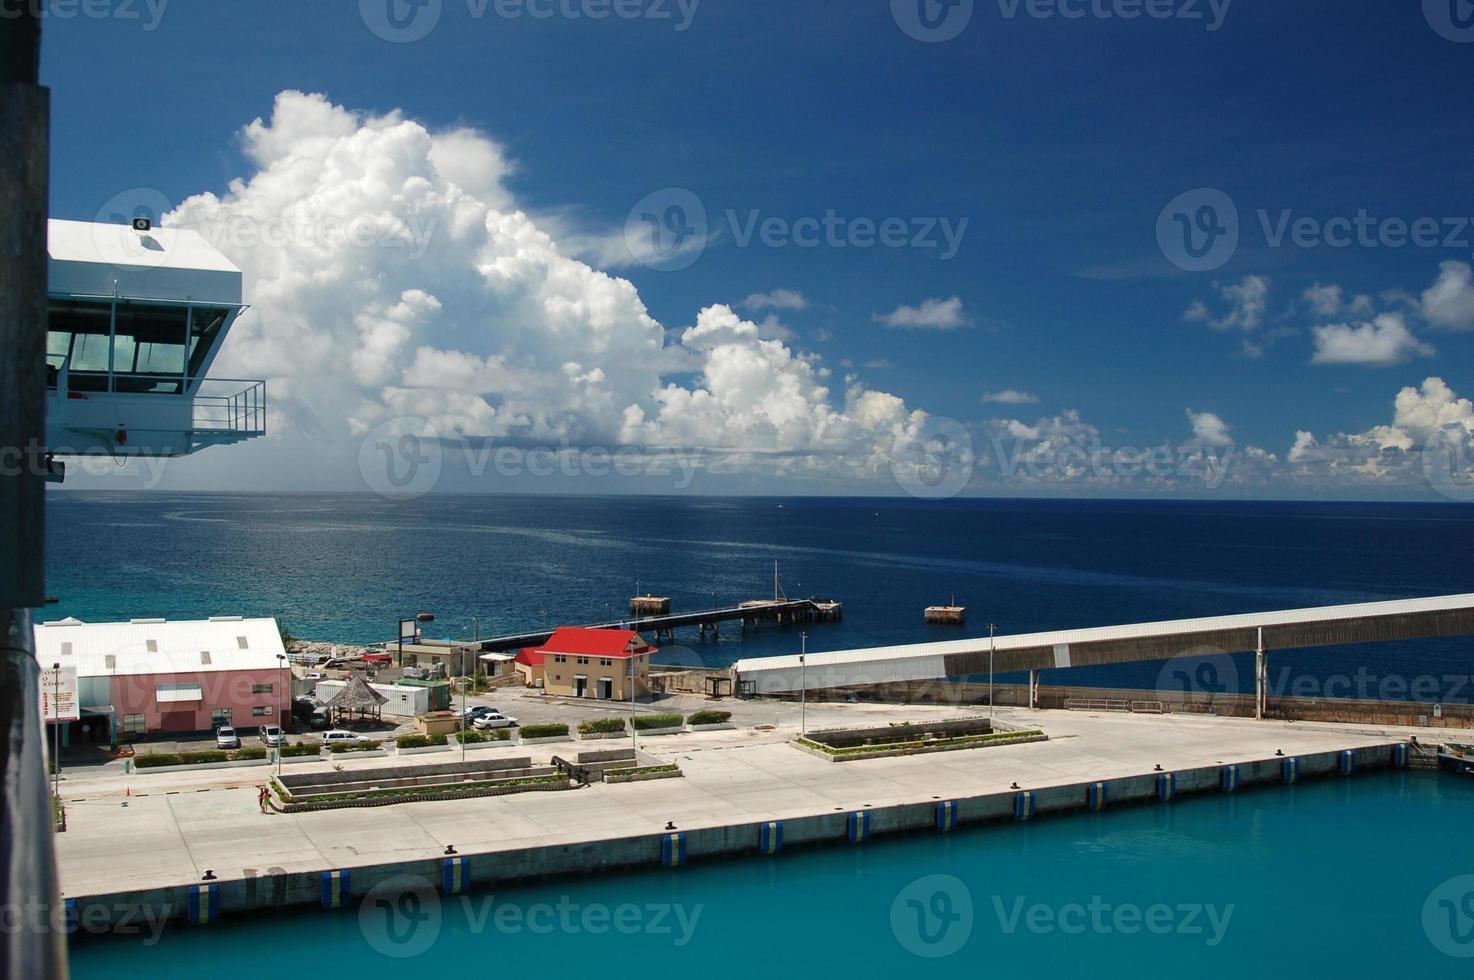 giornata di sole nel porto tropicale foto